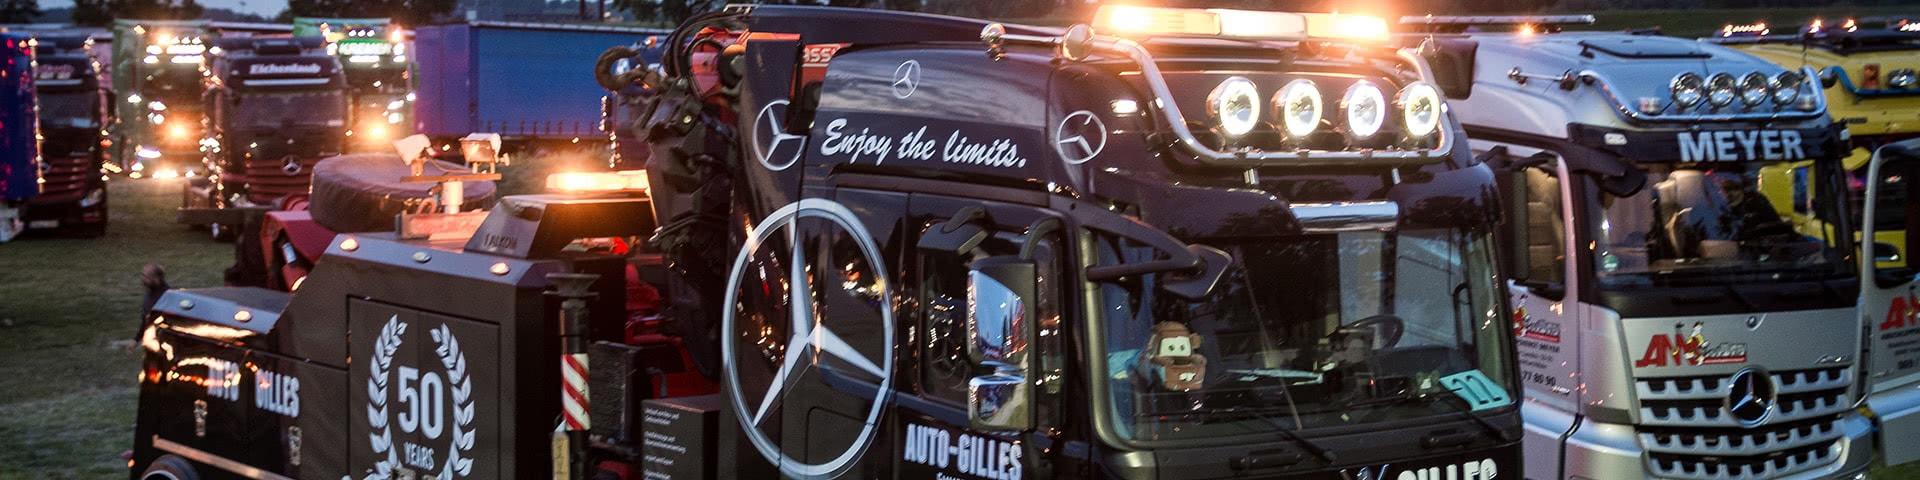 Große beleuchtete Trucks beim Truckerfestival in Kalkar